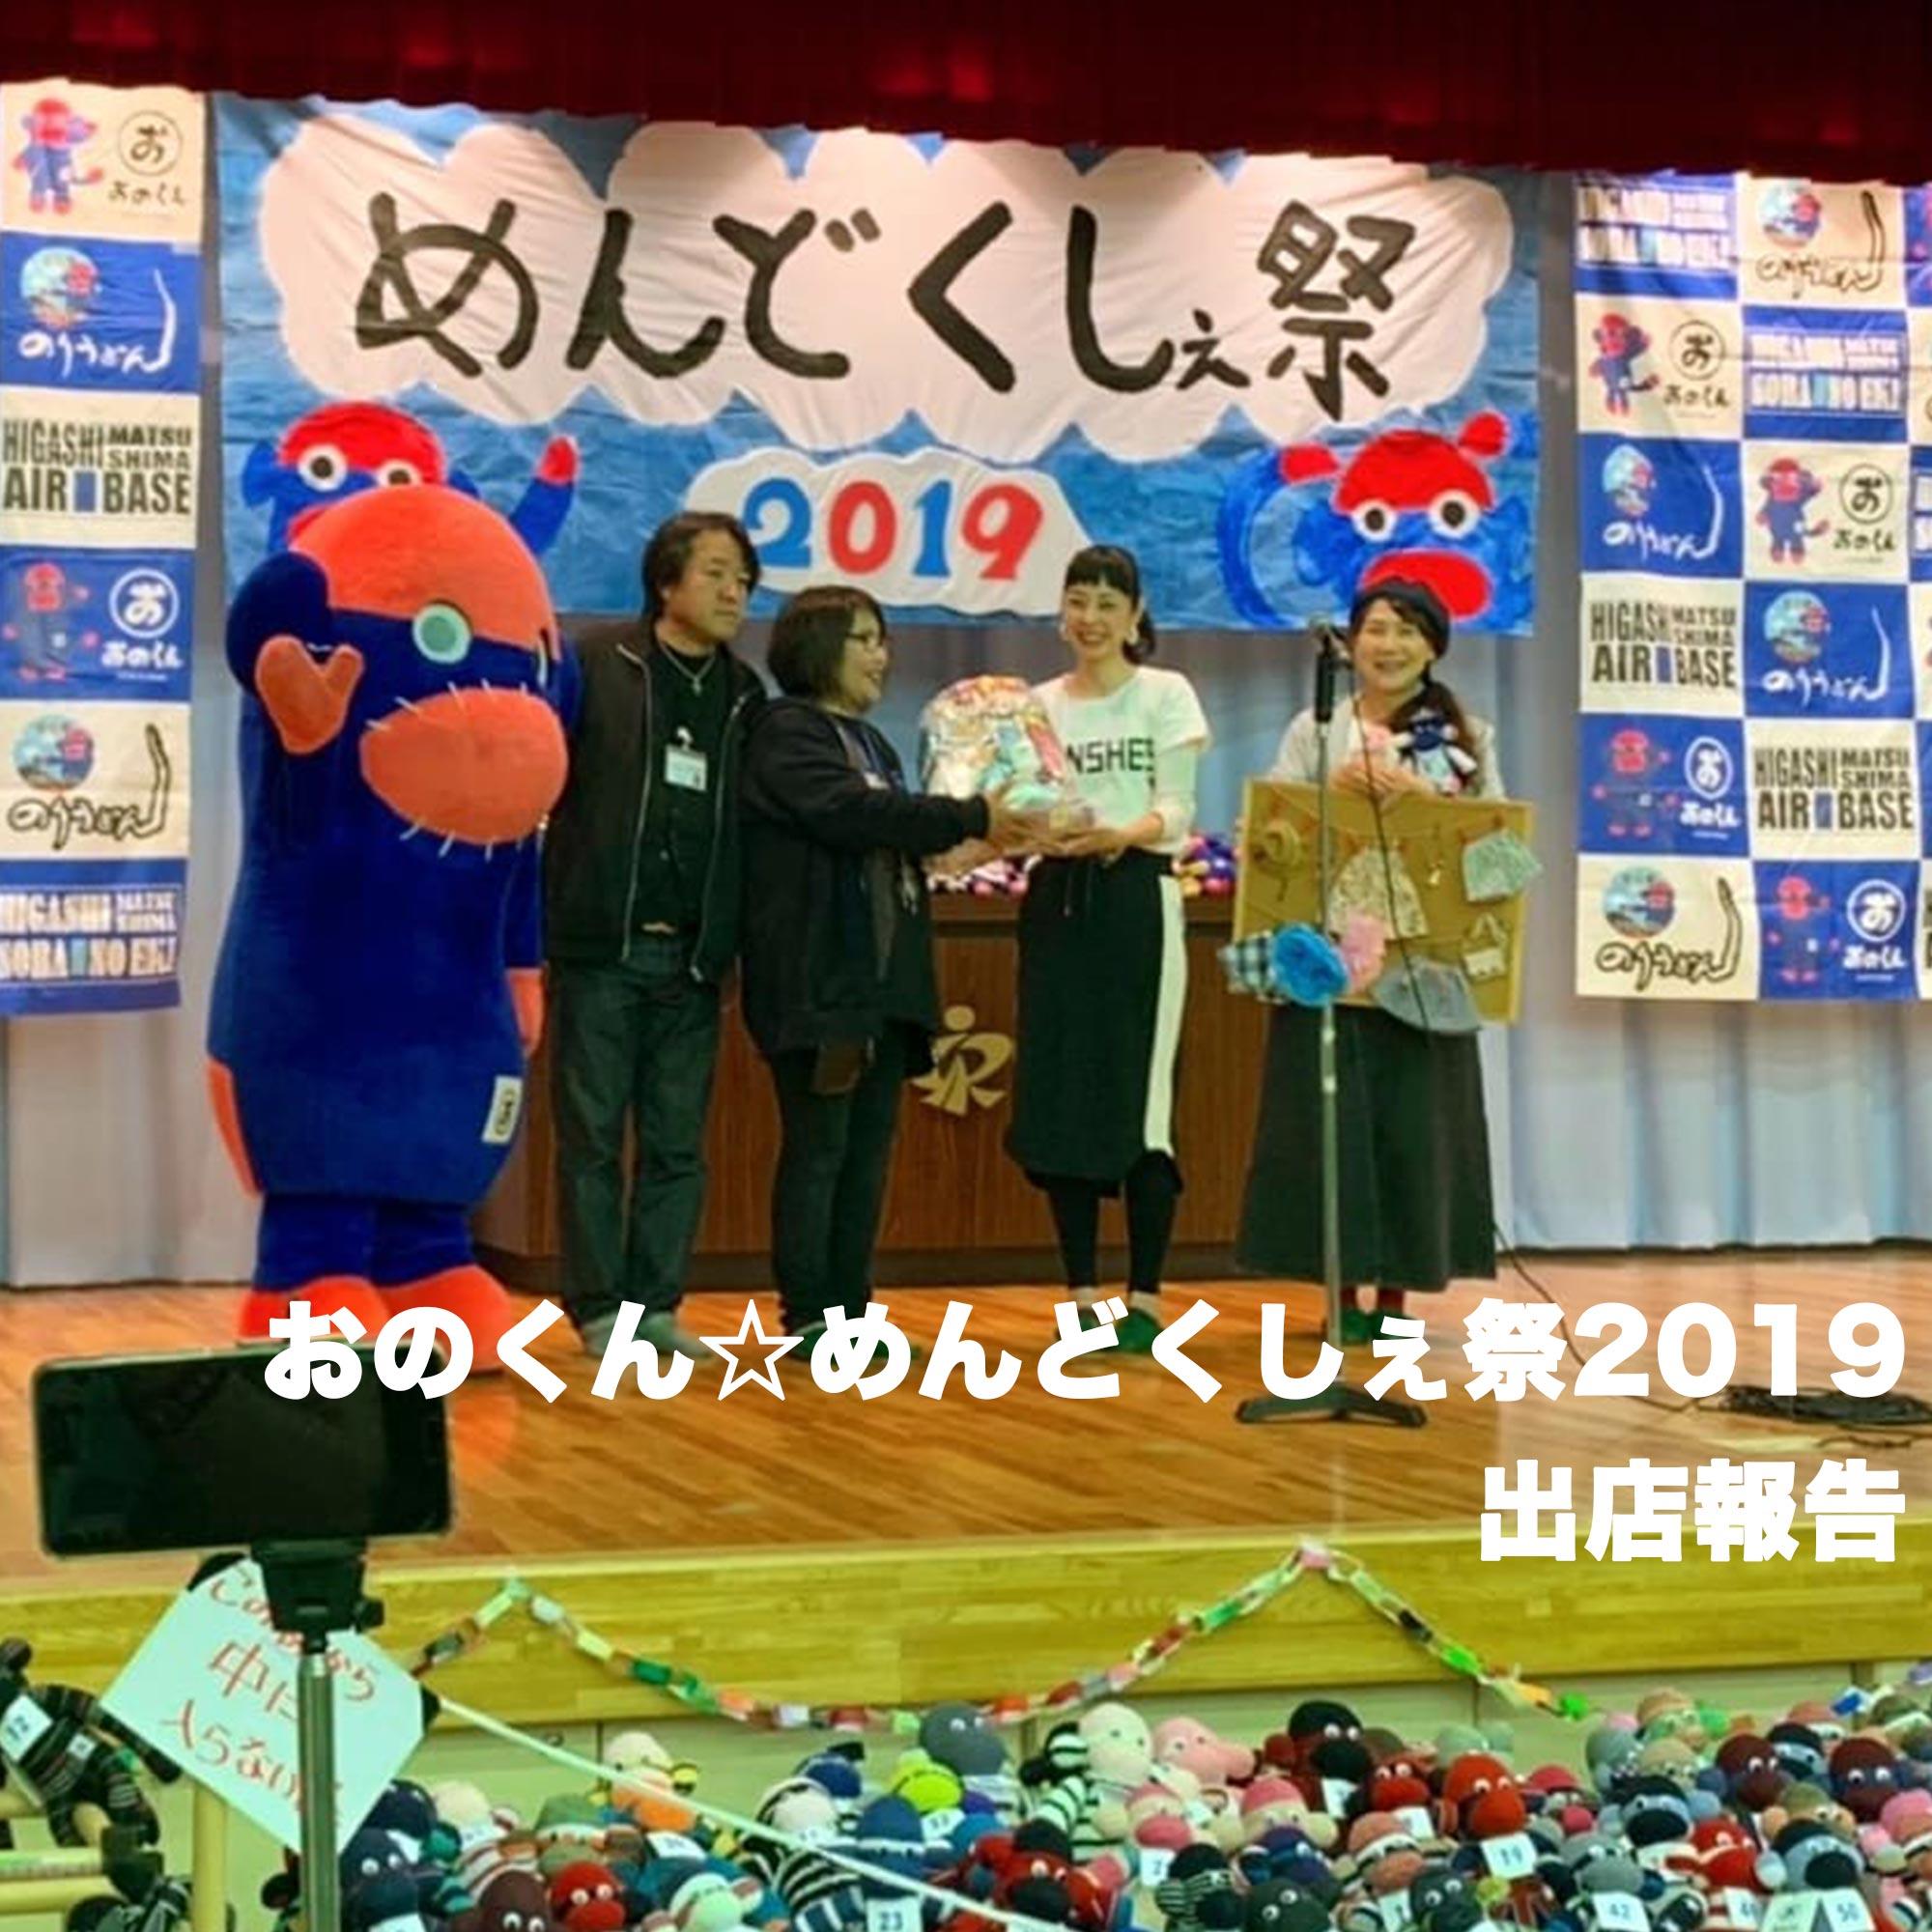 めんどくしぇ祭2019出店報告